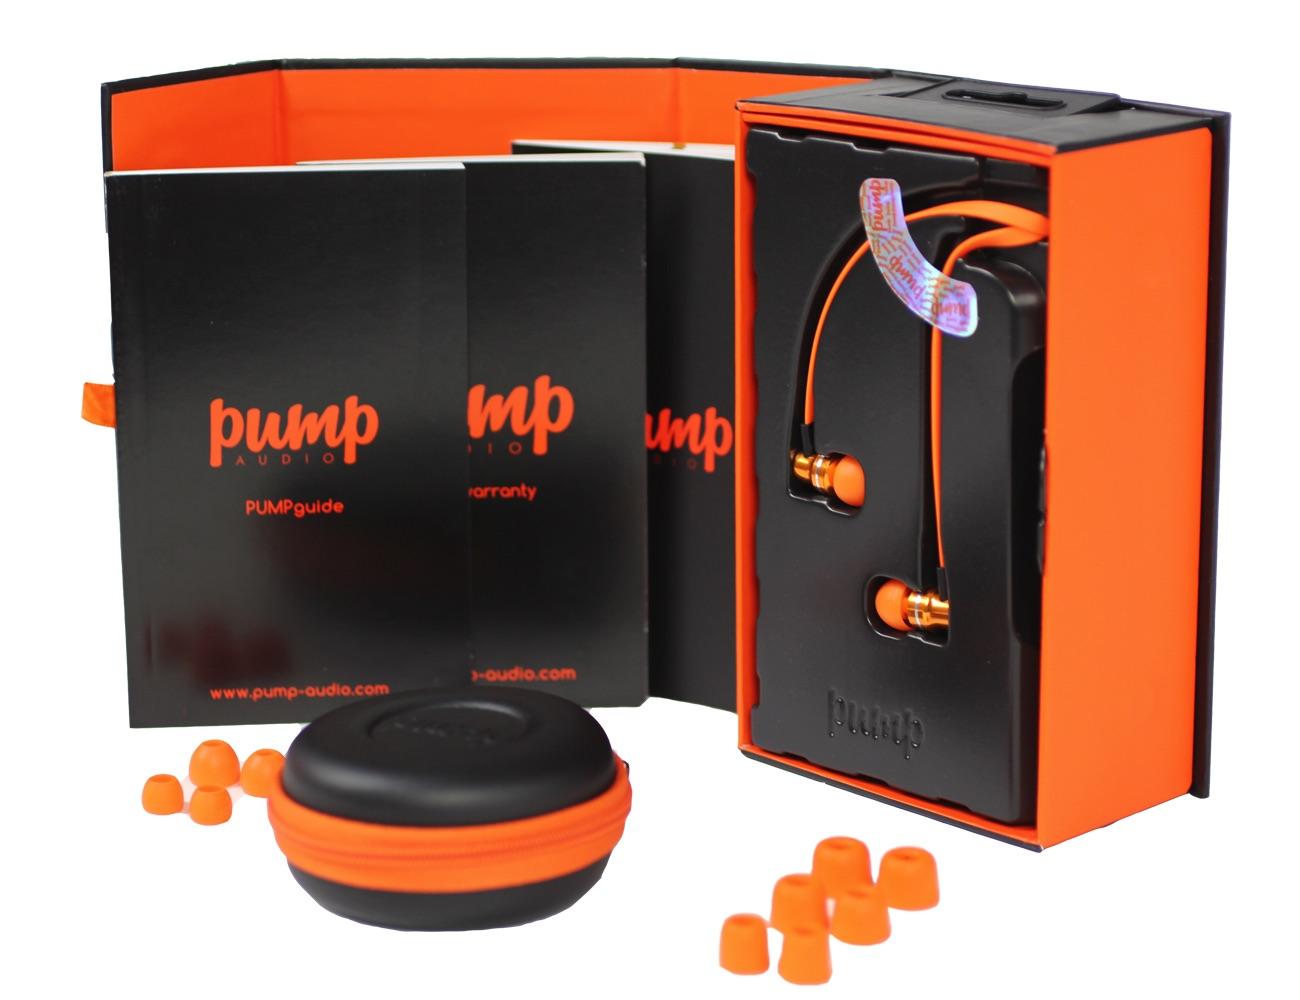 PUMP Audio IEM – Better than Beats by Dre?